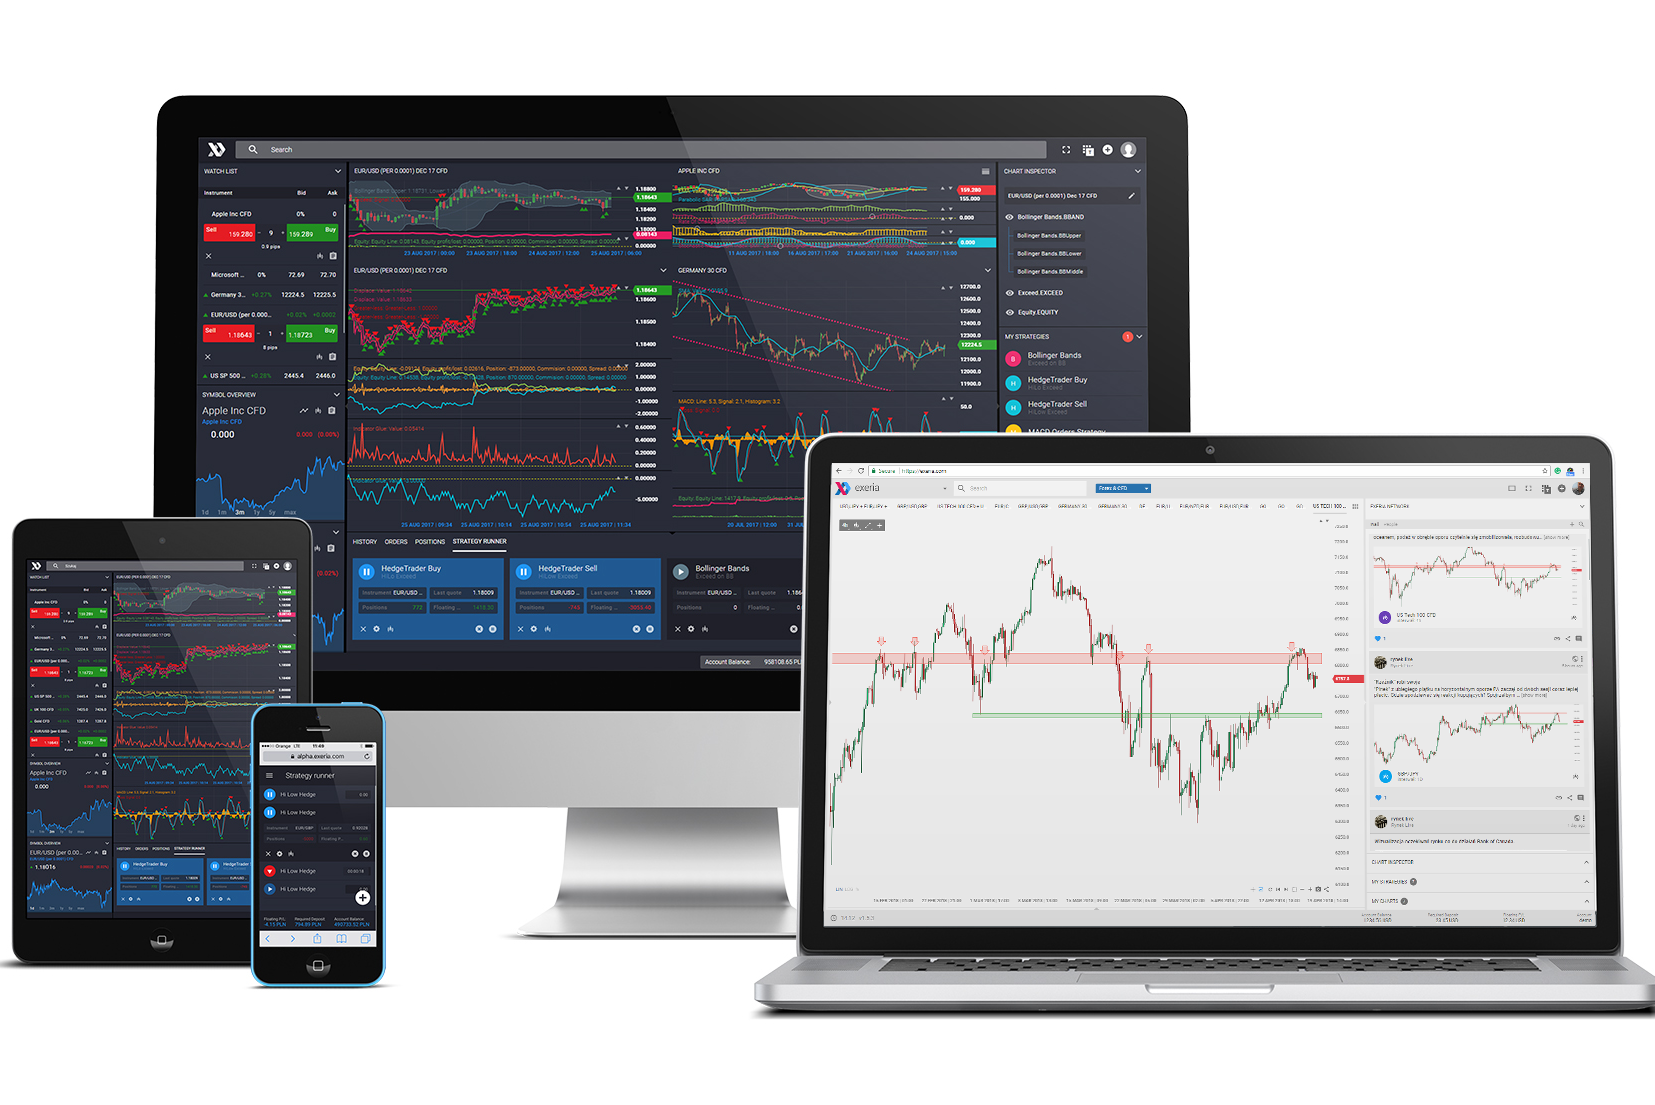 Platforma transakcyjna, inwestowanie, akcje, waluty, kryptowaluty, Bitcoin, crypto, trading platform